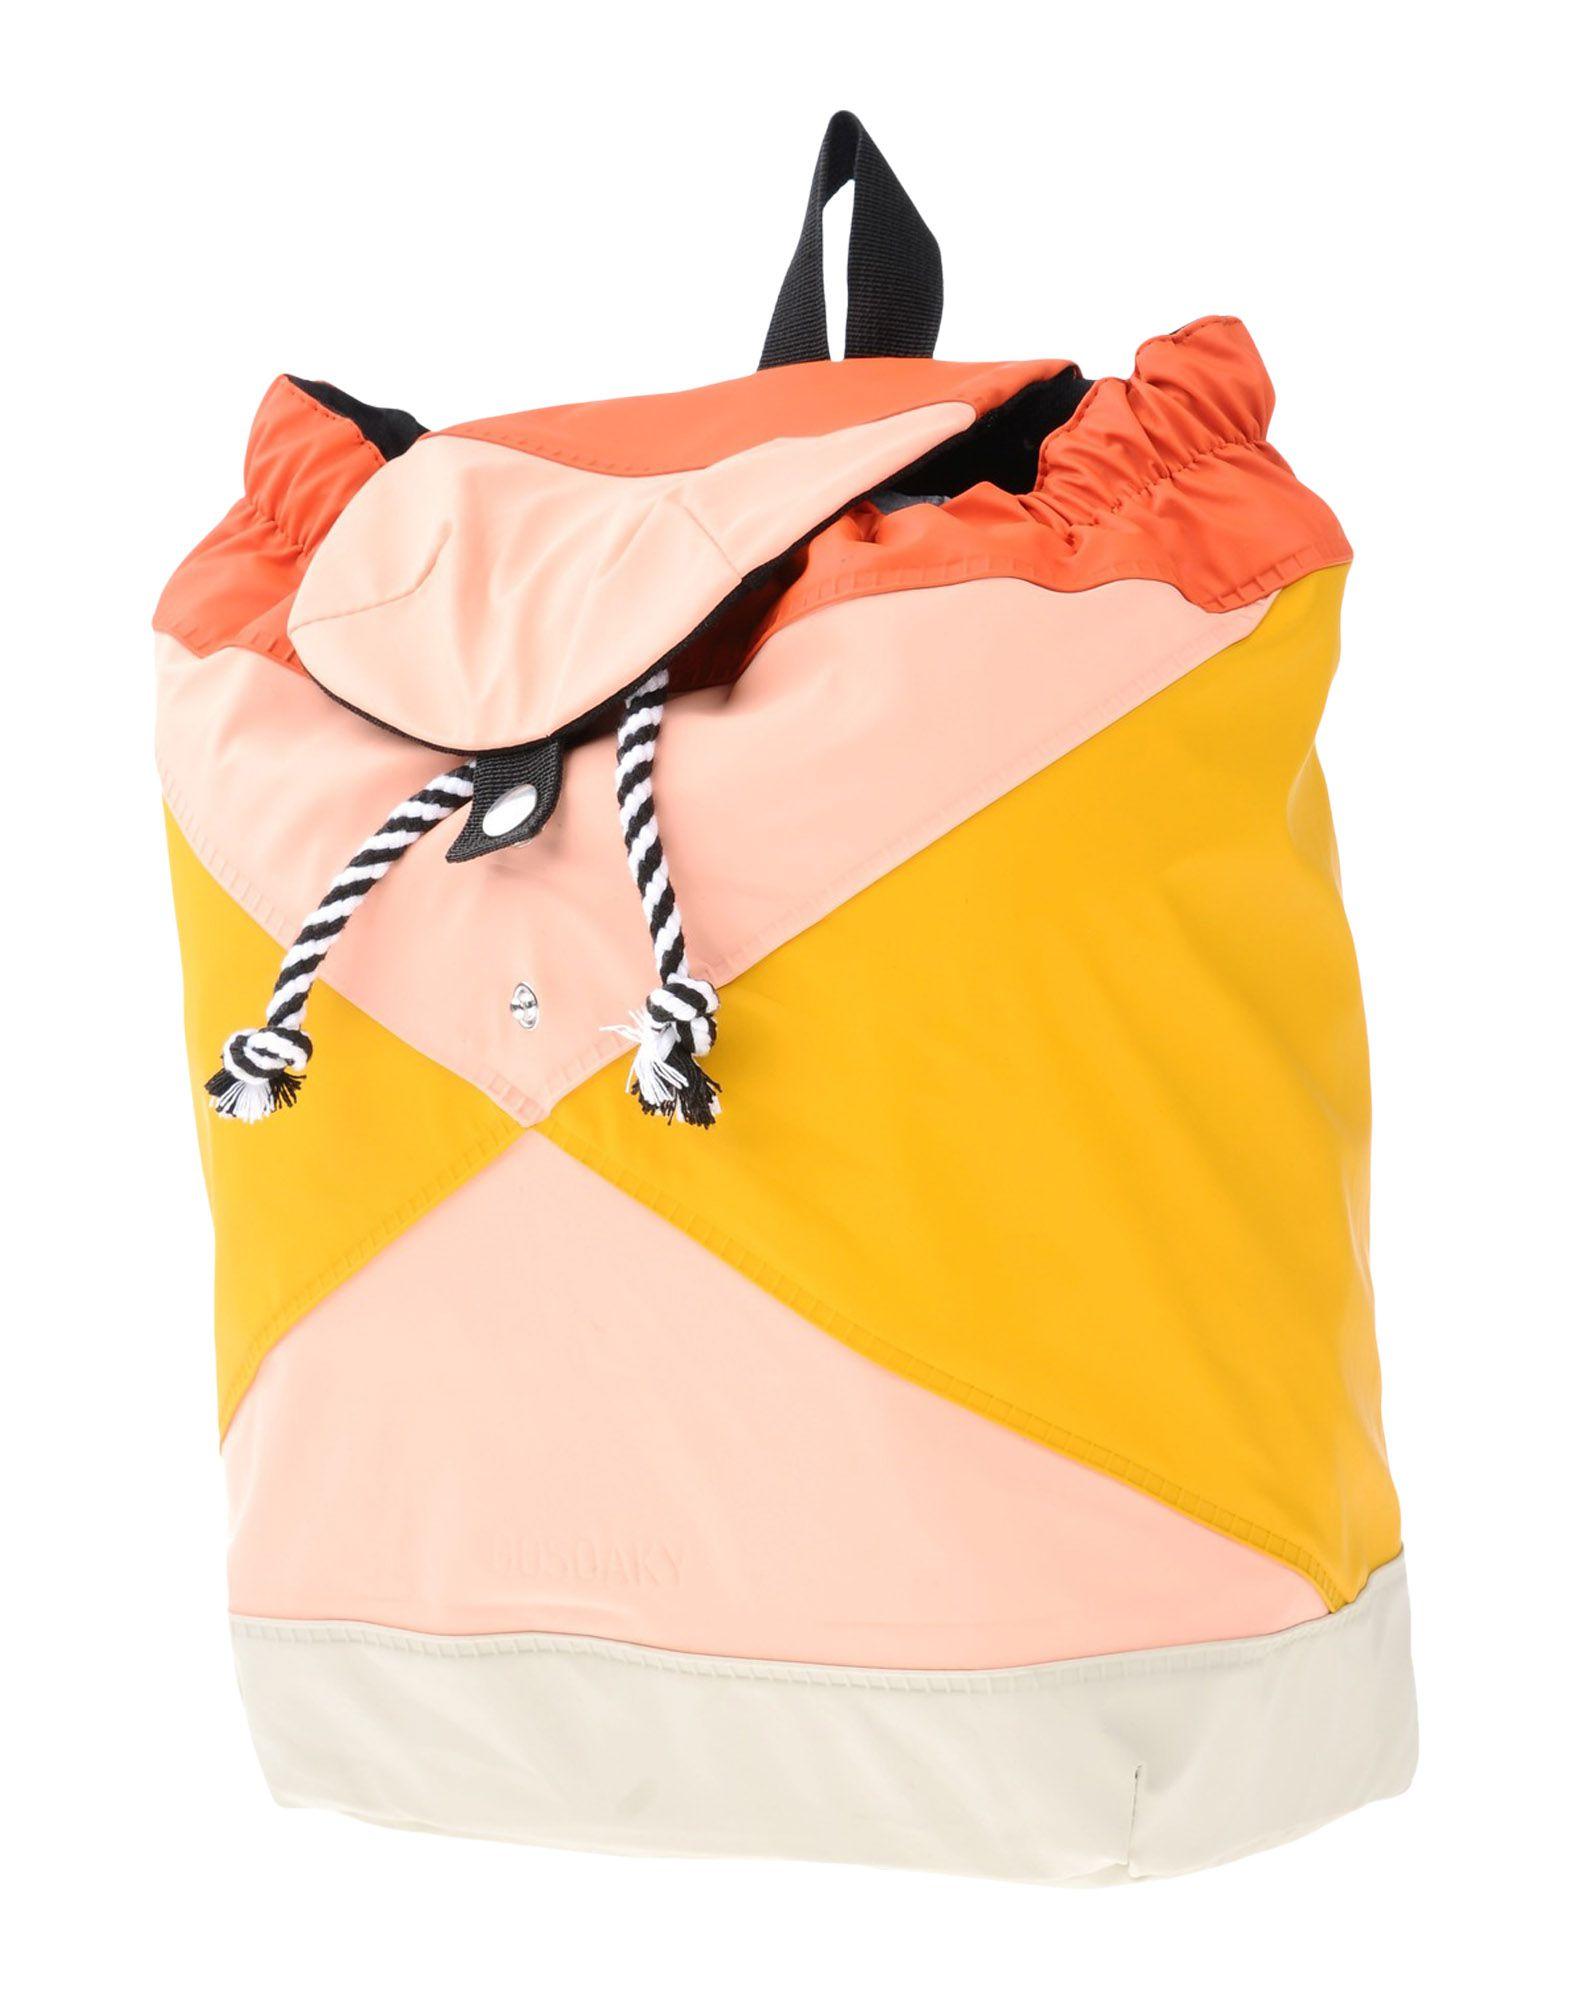 GOSOAKY Рюкзаки и сумки на пояс дизайнер высокое качество натуральная кожа женские винтажные овчины твердые школьные сумки mochilas mujer 2017 рюкзаки для девочек